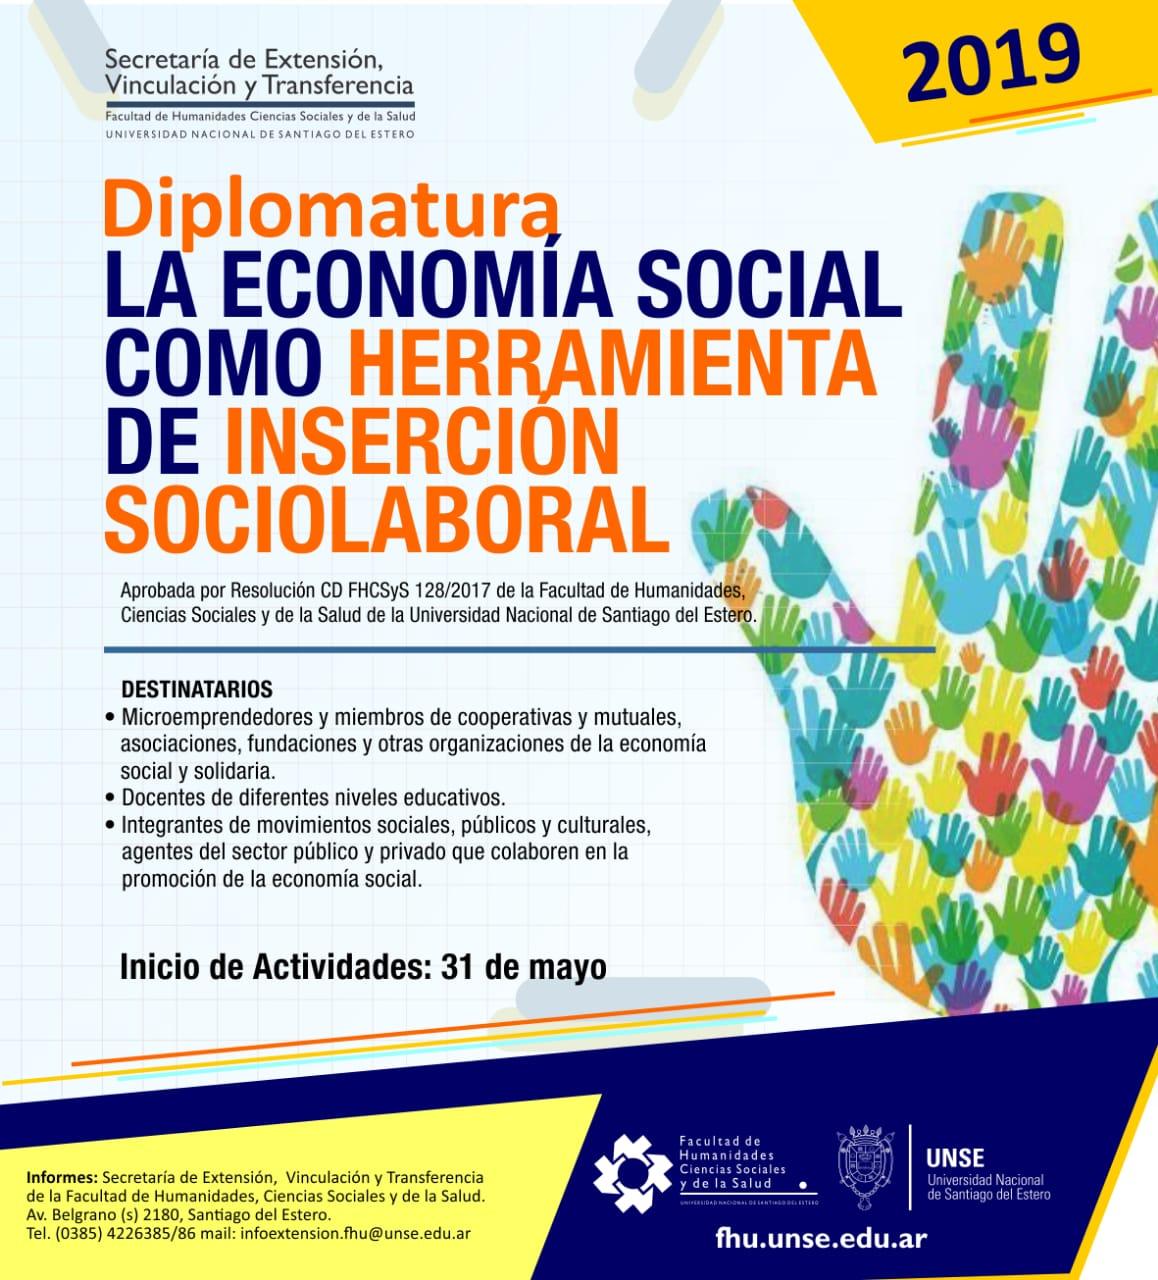 Diplomatura Superior en Economía Social